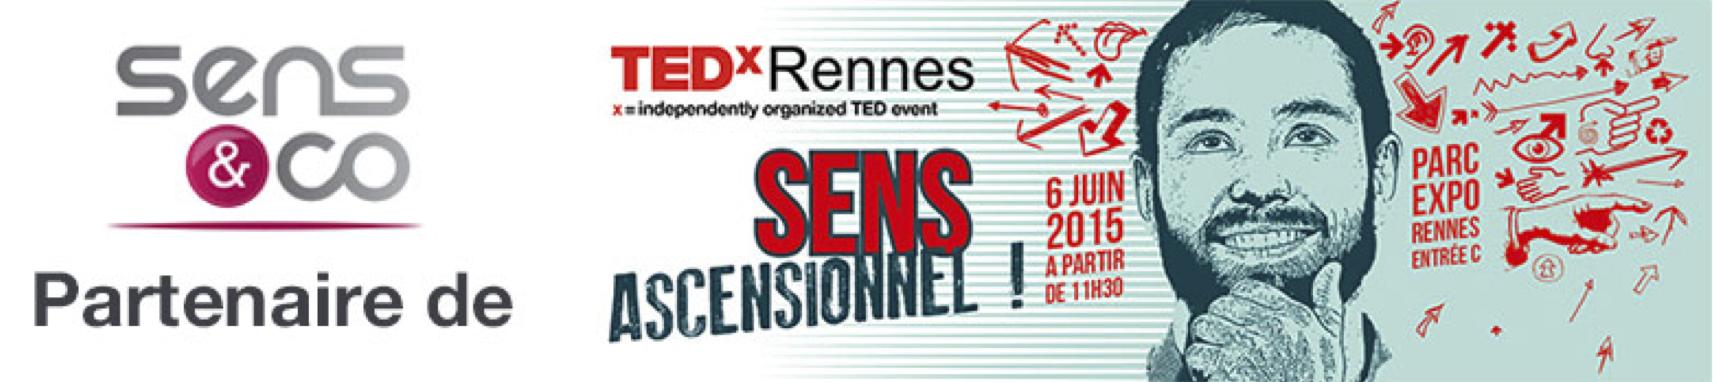 signature_sens&co Tedx